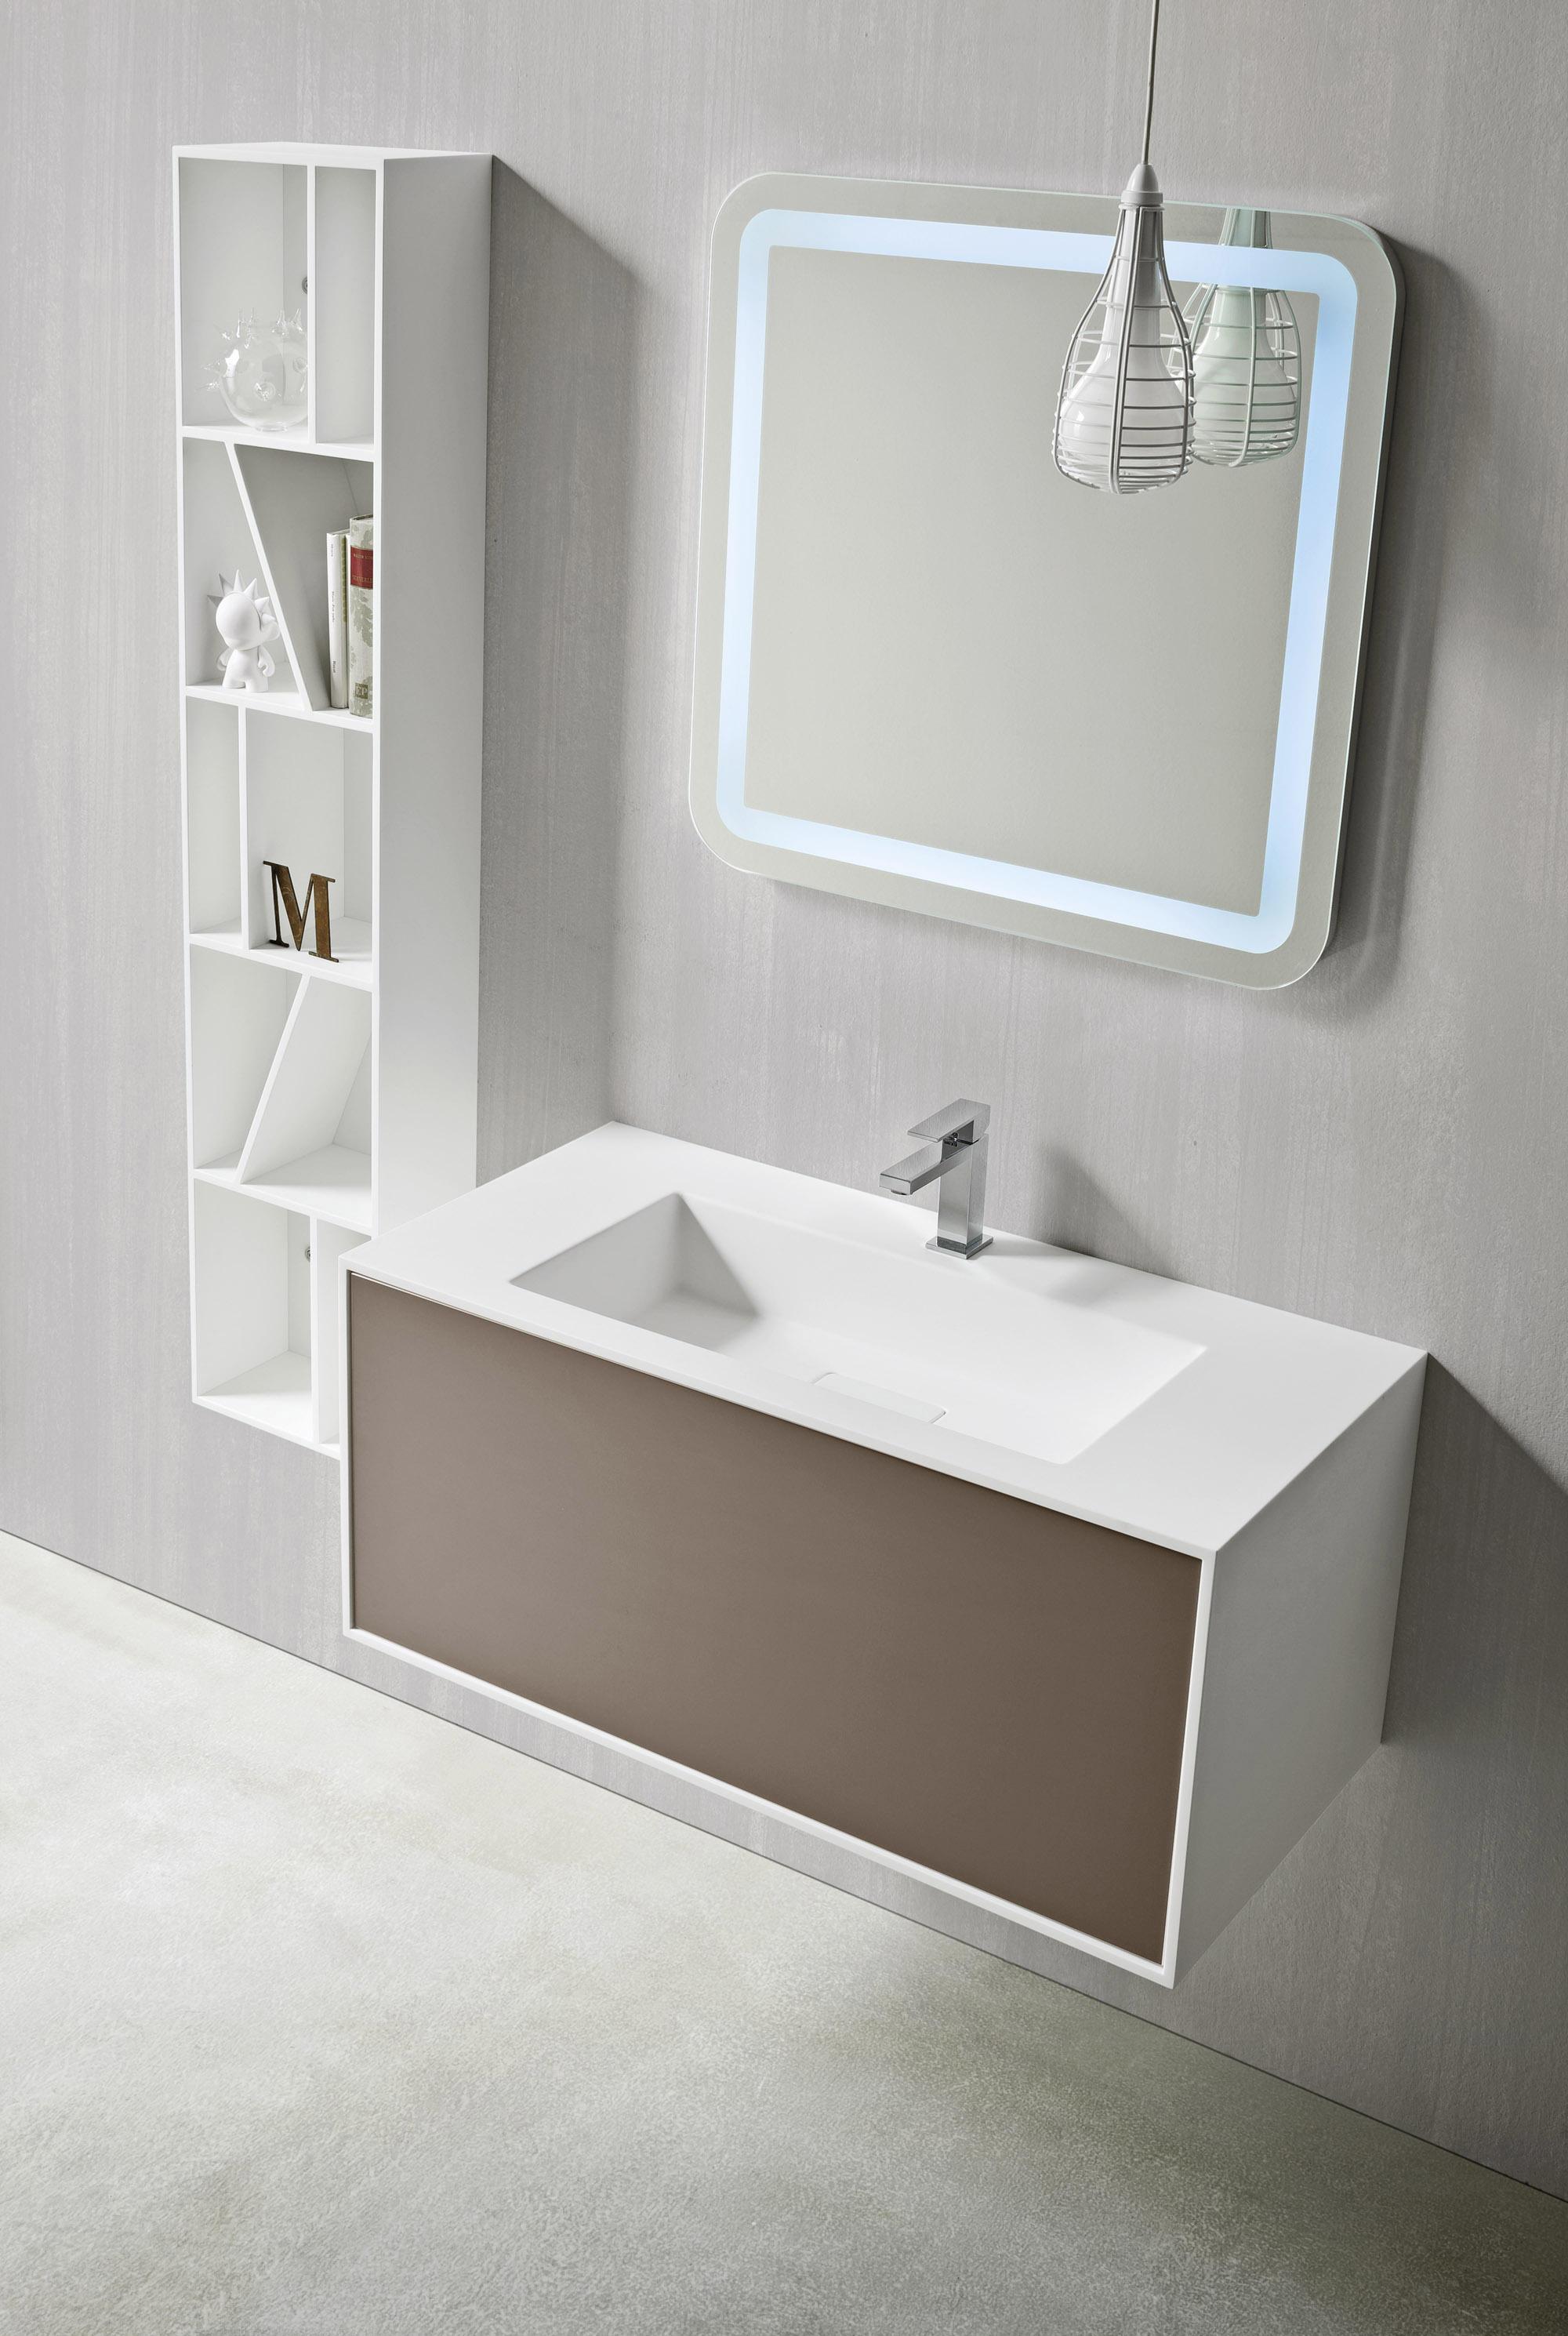 GIANO WASCHBECKEN - Waschplätze von Rexa Design | Architonic